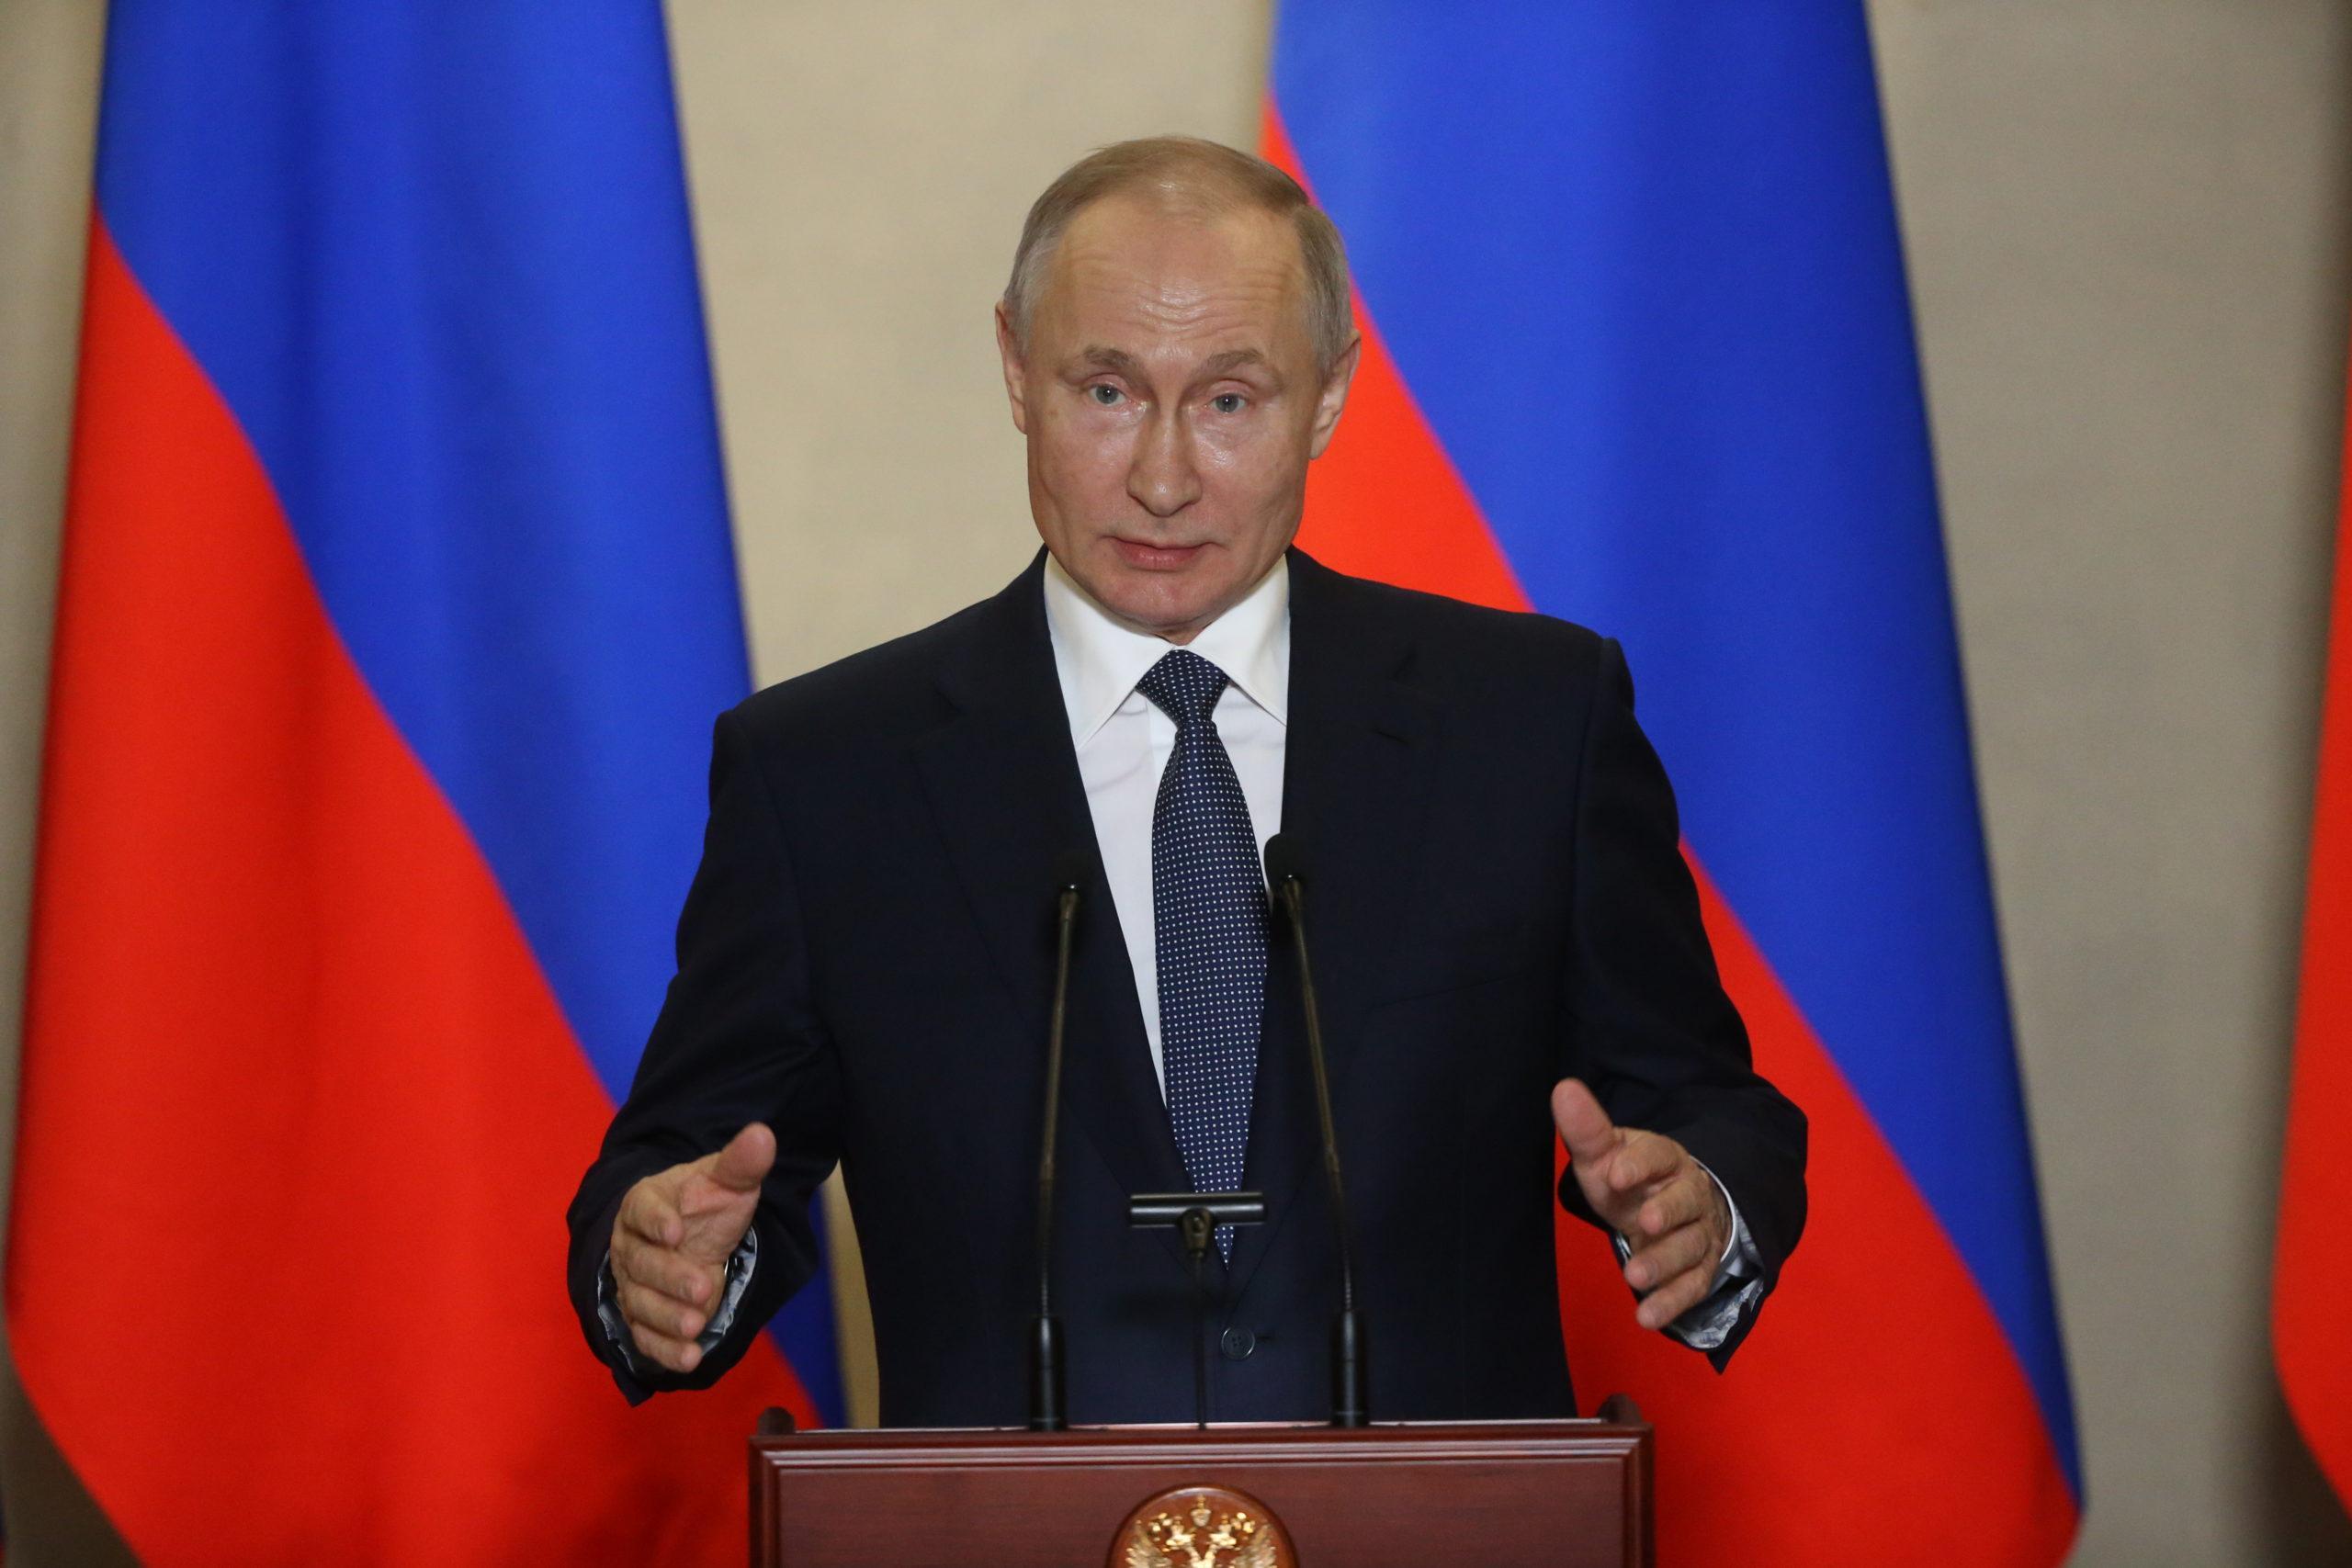 La Russie Soutient La Constitution Homophobe Accordant à Poutine 16